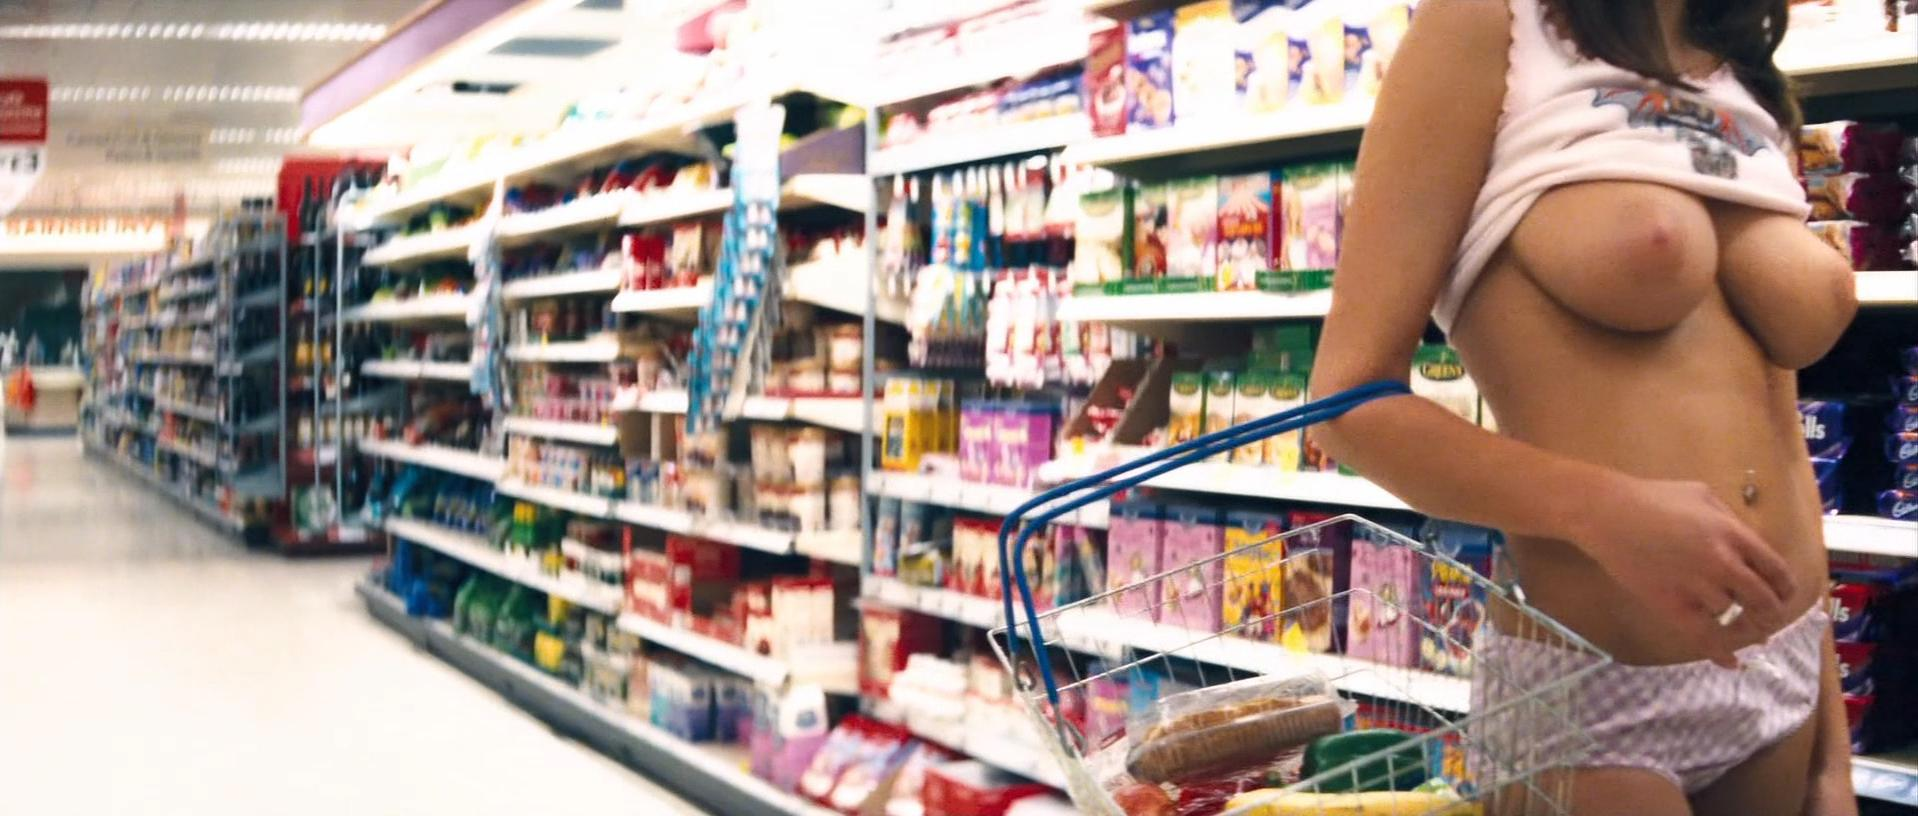 Keeley Hazell nude - Cashback (2006)